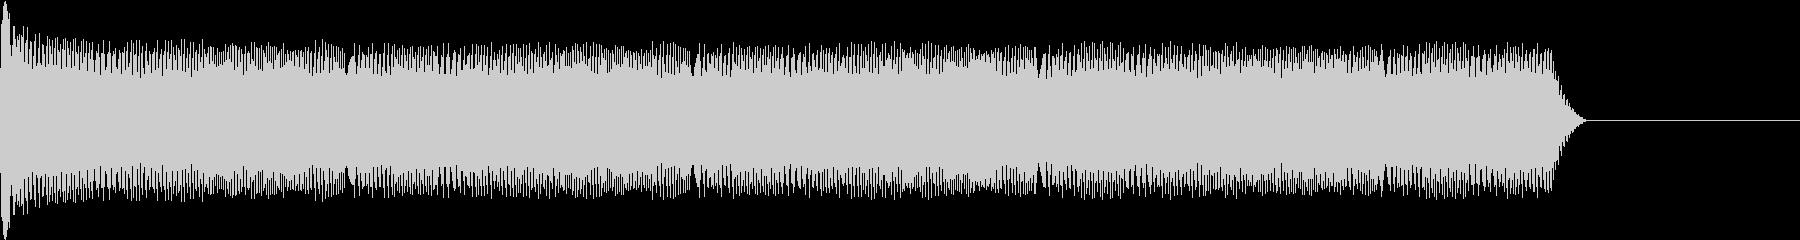 AnimeFX 無線がおかしくなった音1の未再生の波形